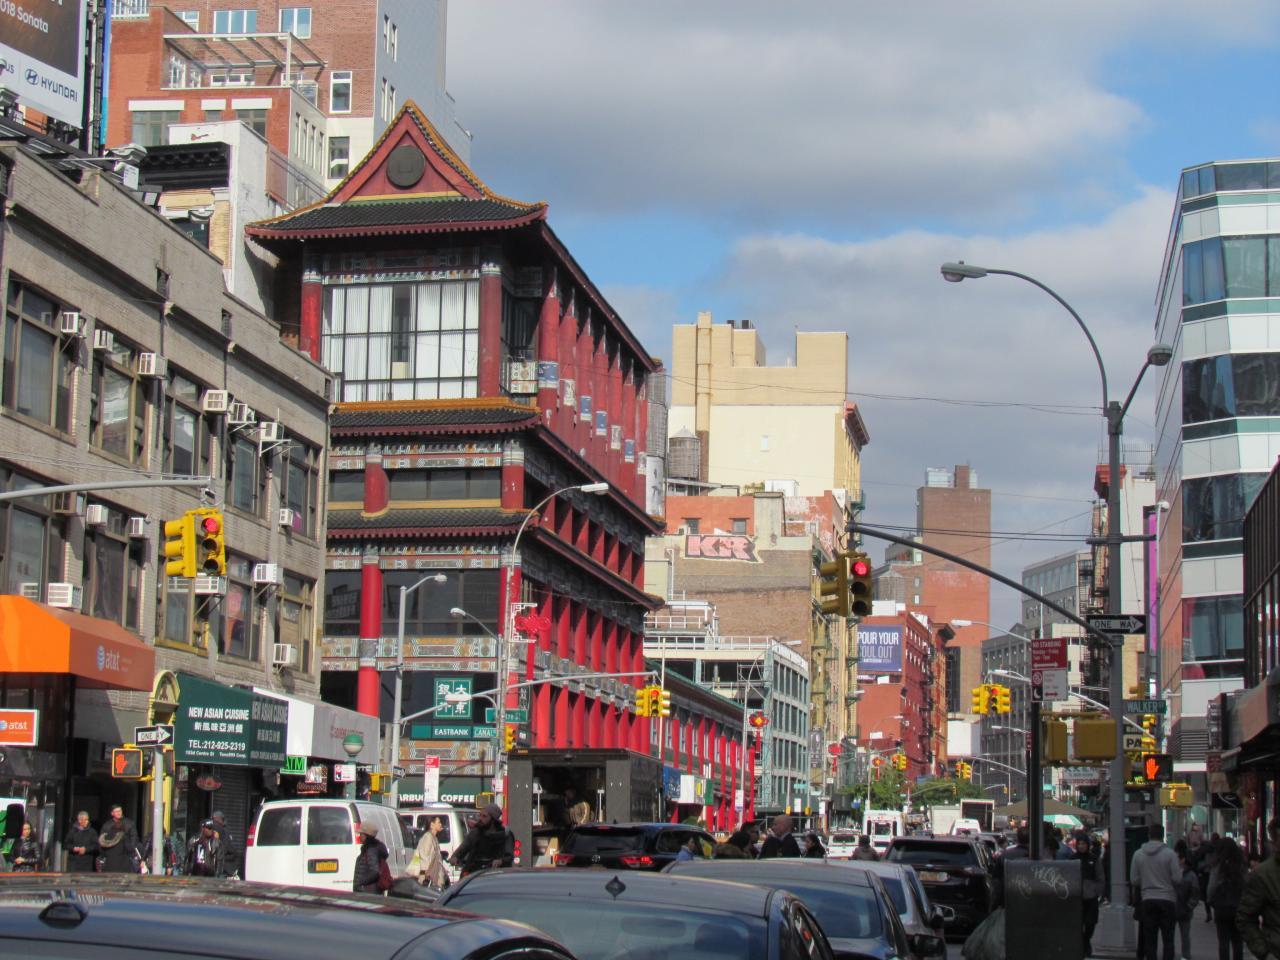 CHINA TOWN à NEW YORK